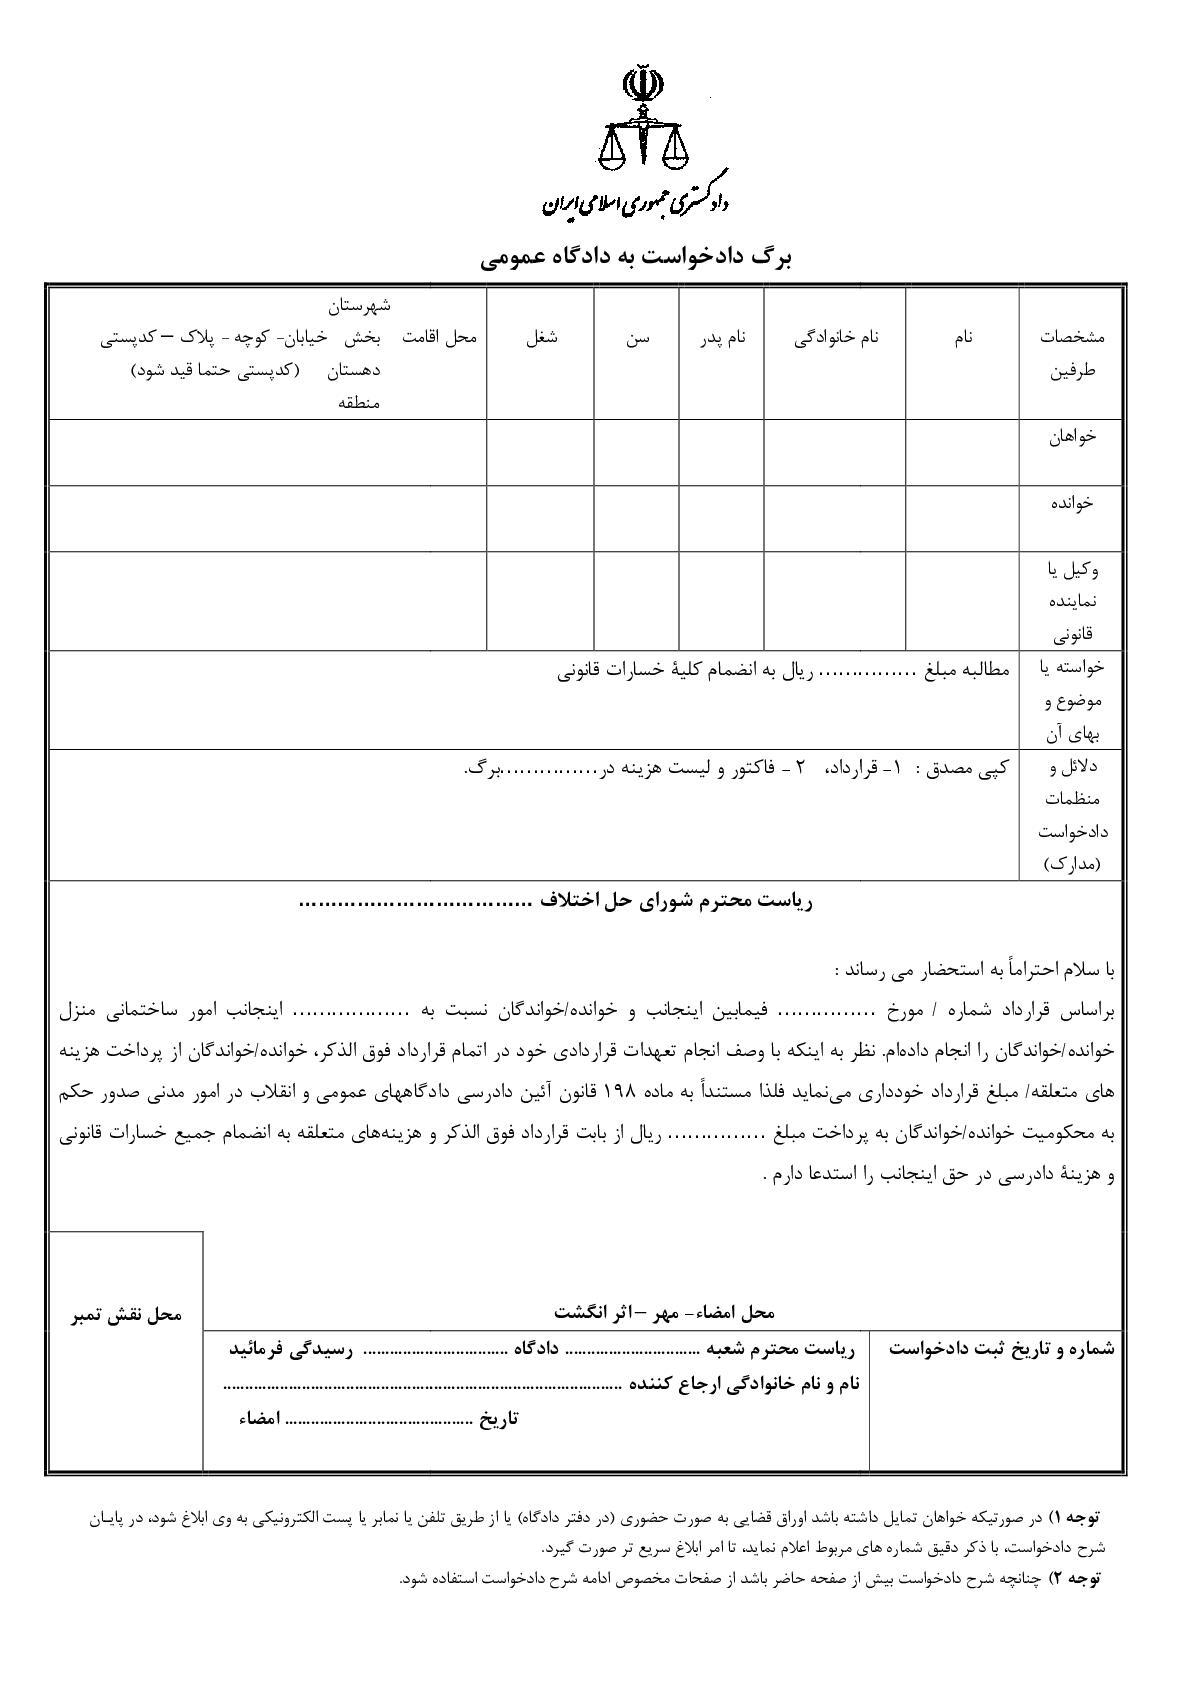 دادخواست مطالبه وجه انجام امور ساختمانی(از شورای حل اختلاف)